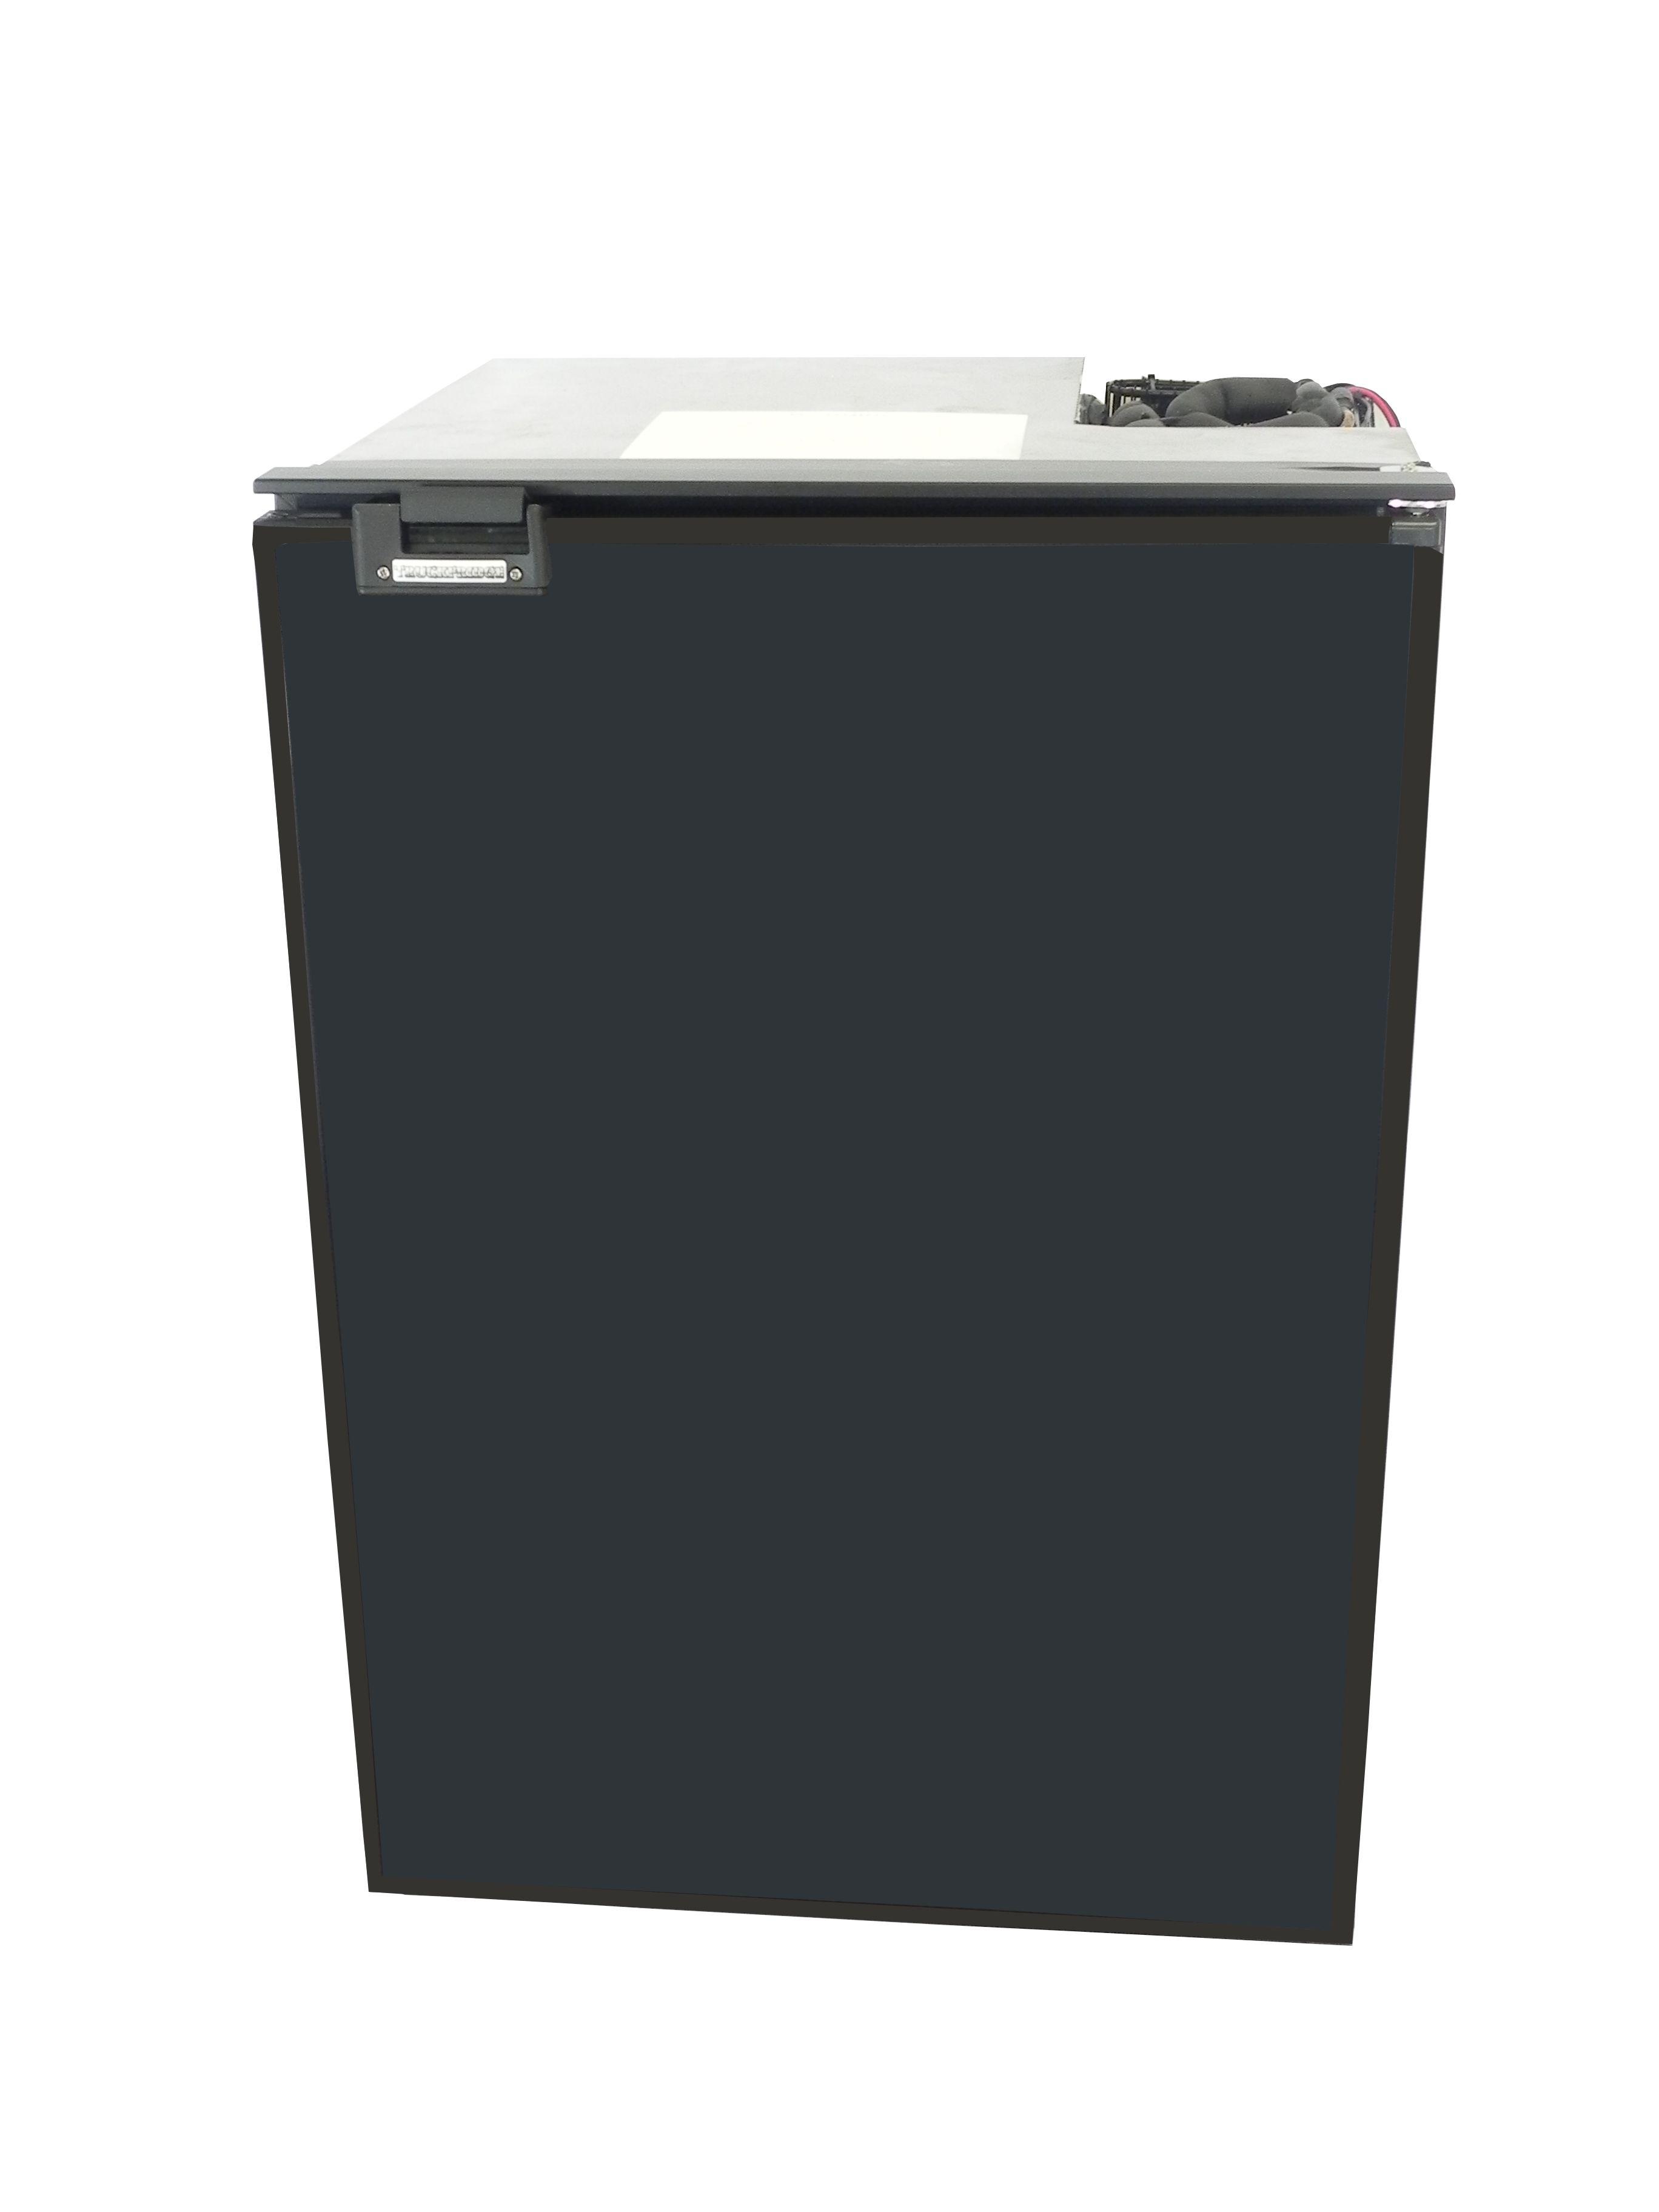 Tf130 12 Volt Dc Black Refrigerator Commercial Vehicle Caravan Repairs